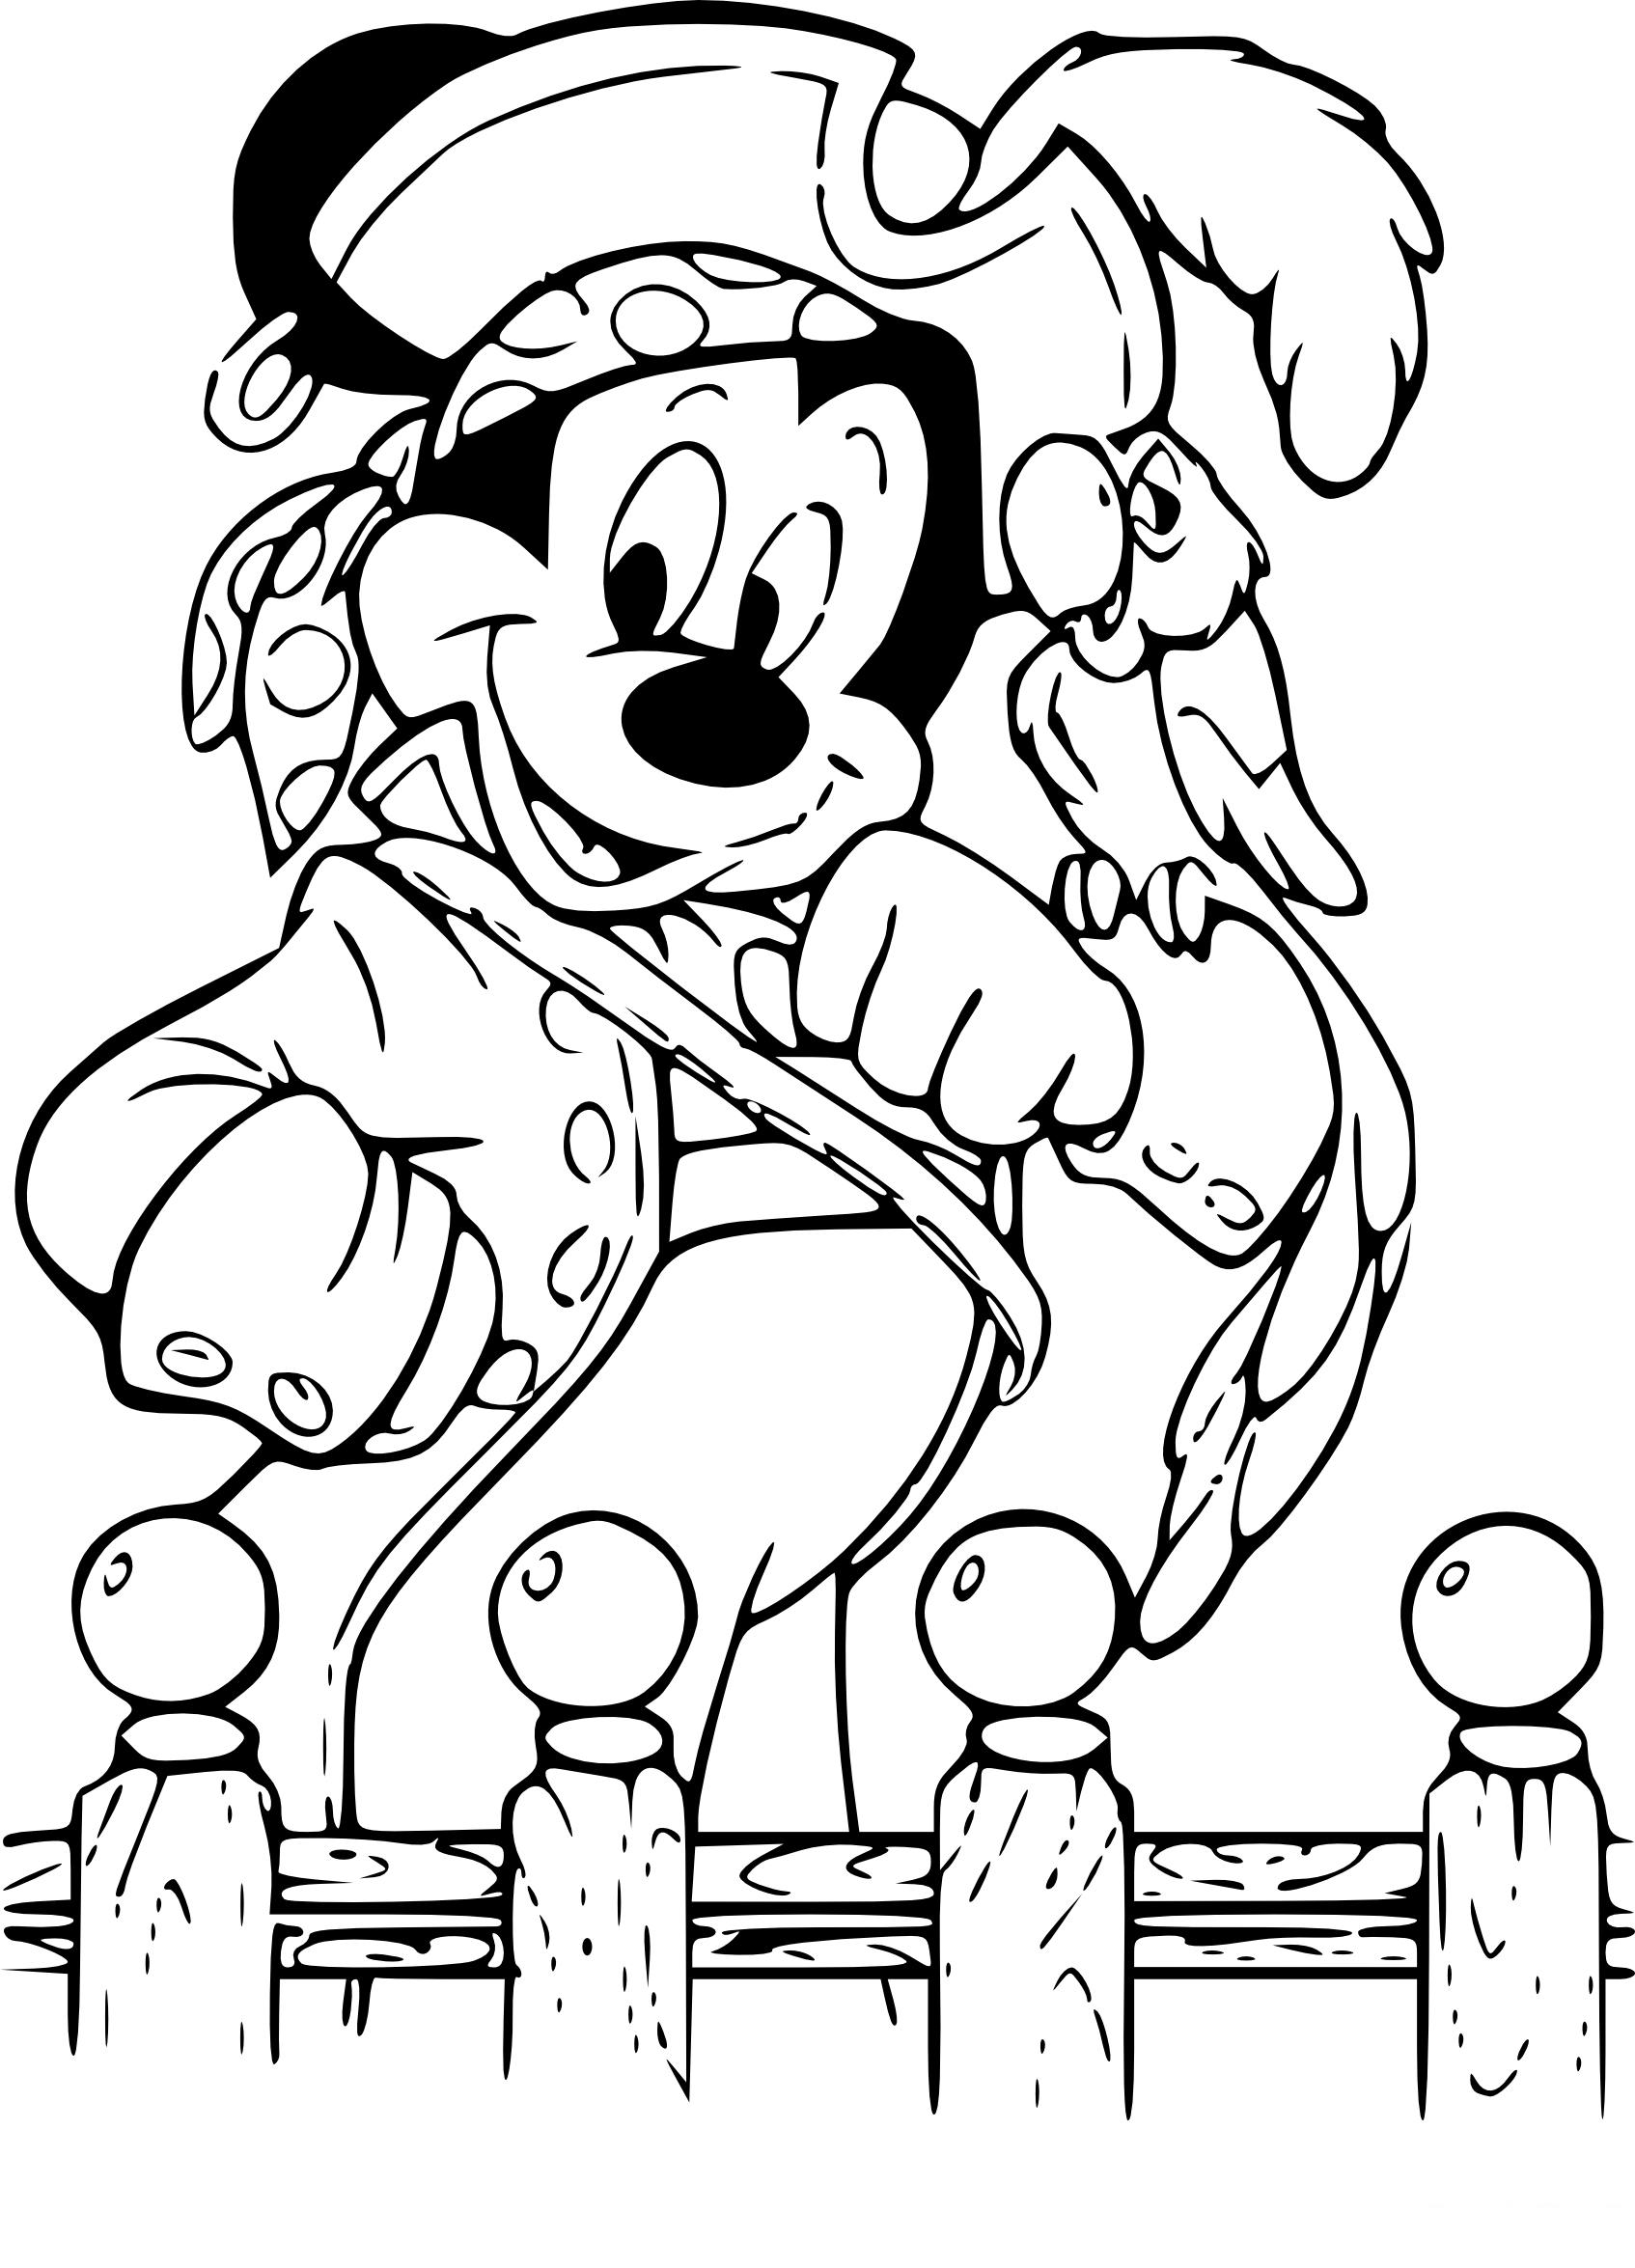 Coloriage Mickey Pirate À Imprimer tout Dessin A Imprimer De Pirate